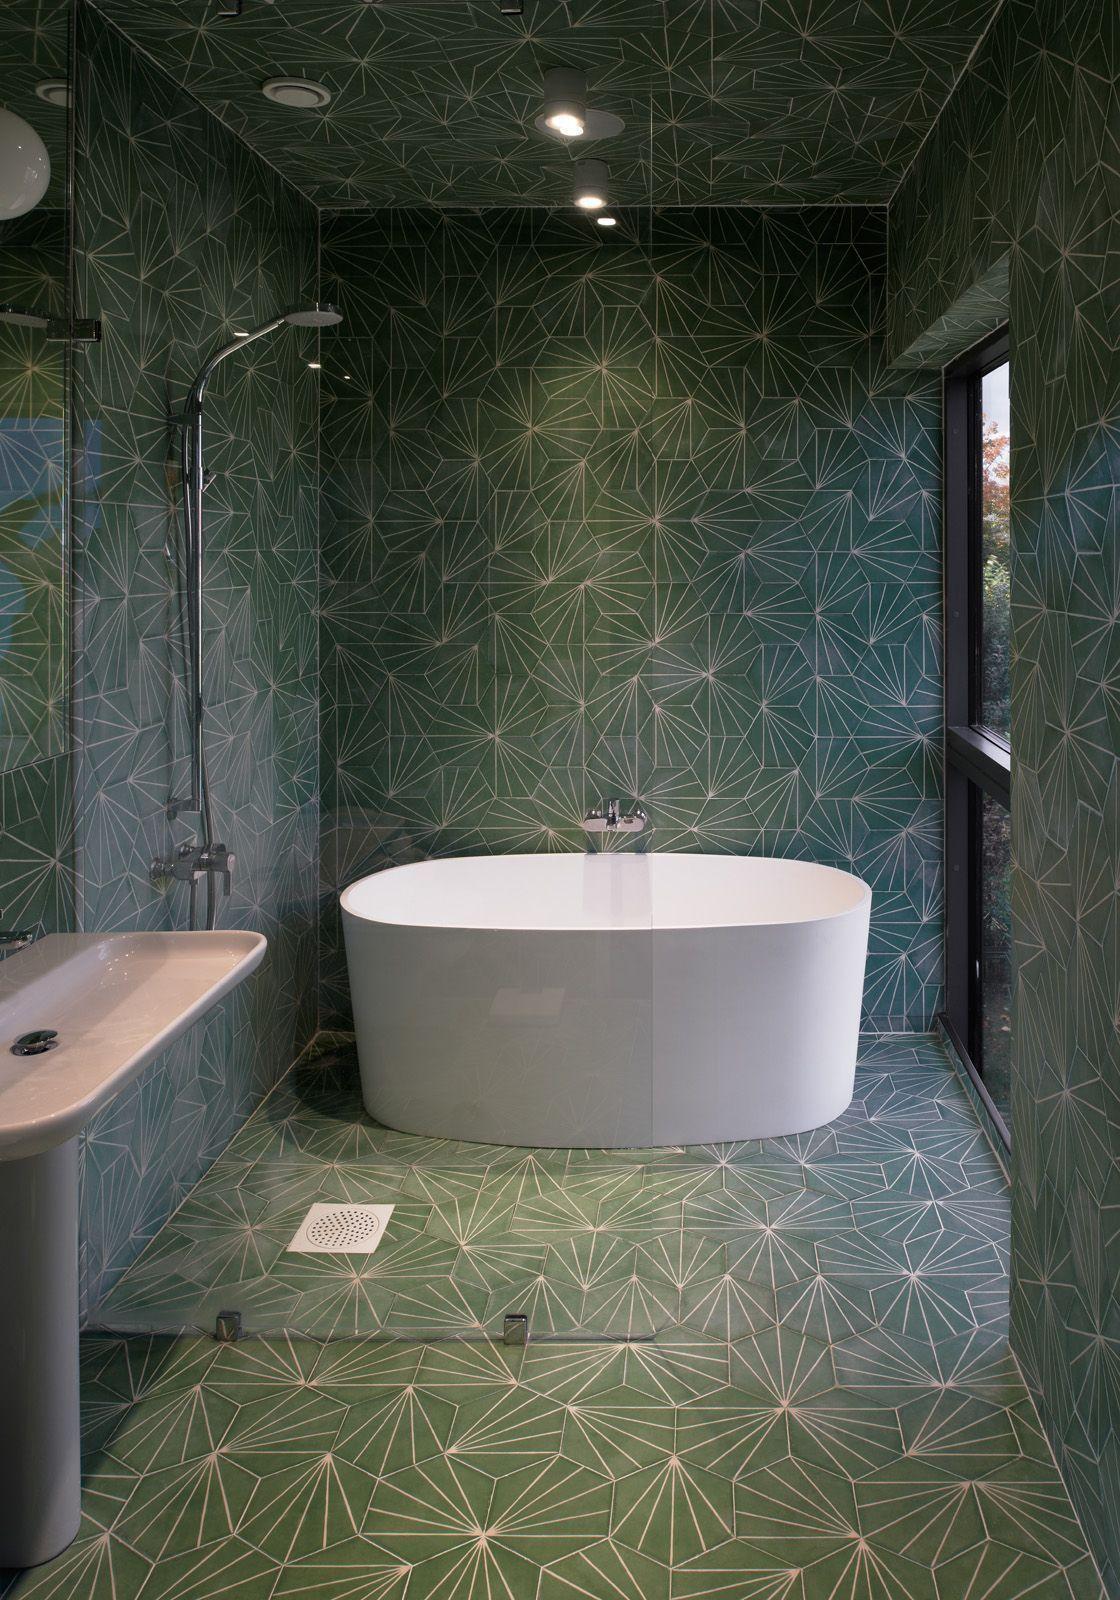 Sie gestalten küchen-design-ideen badezimmer designideen verwenden sie die gleiche fliese auf den